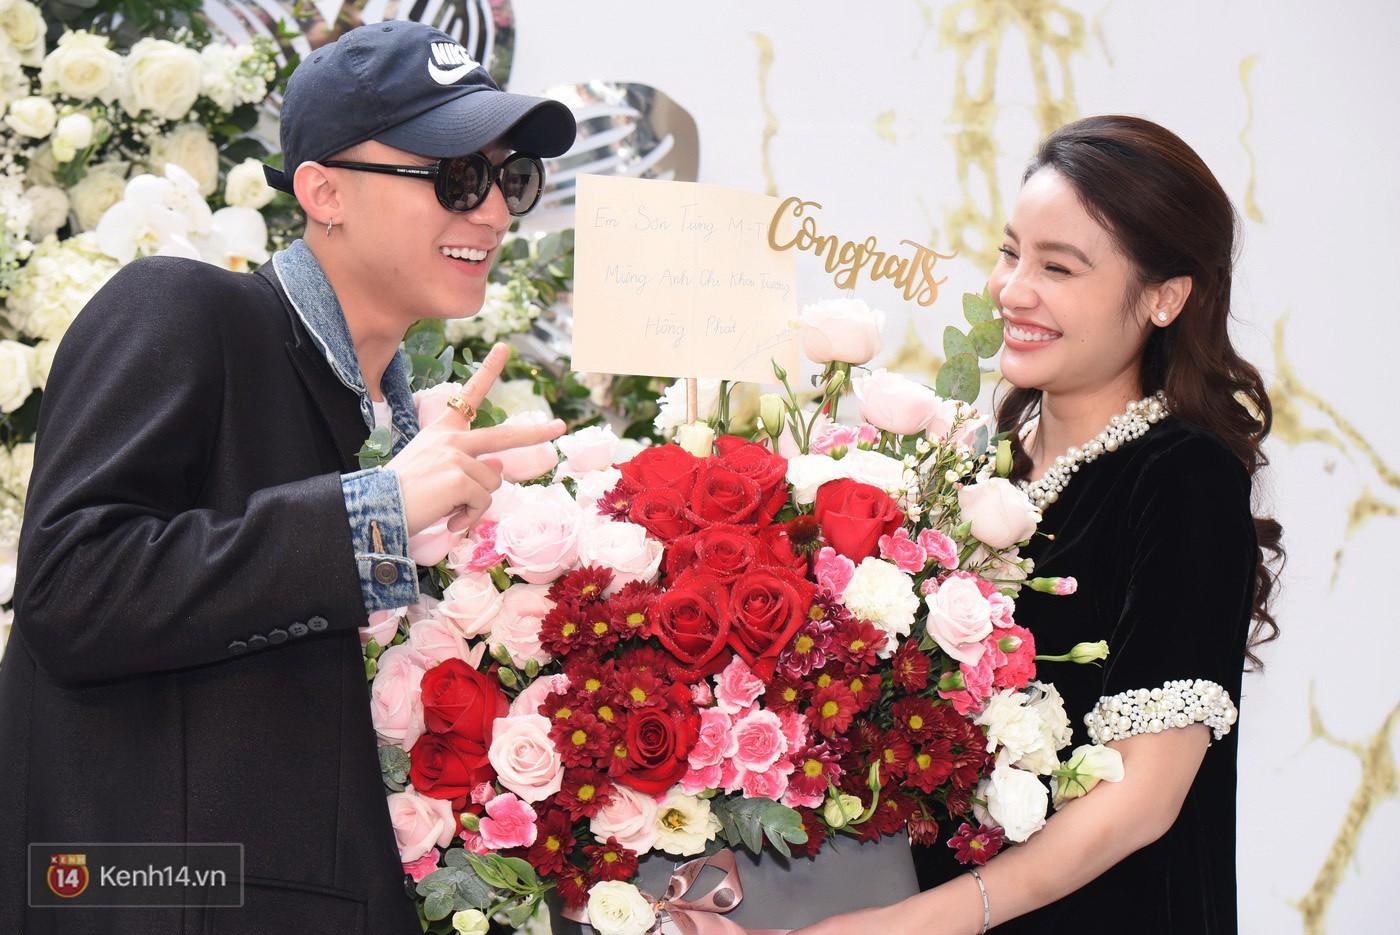 Sơn Tùng và Soobin Hoàng Sơn gây thích thú khi xuất hiện như anh em sinh đôi tại sự kiện - Ảnh 4.